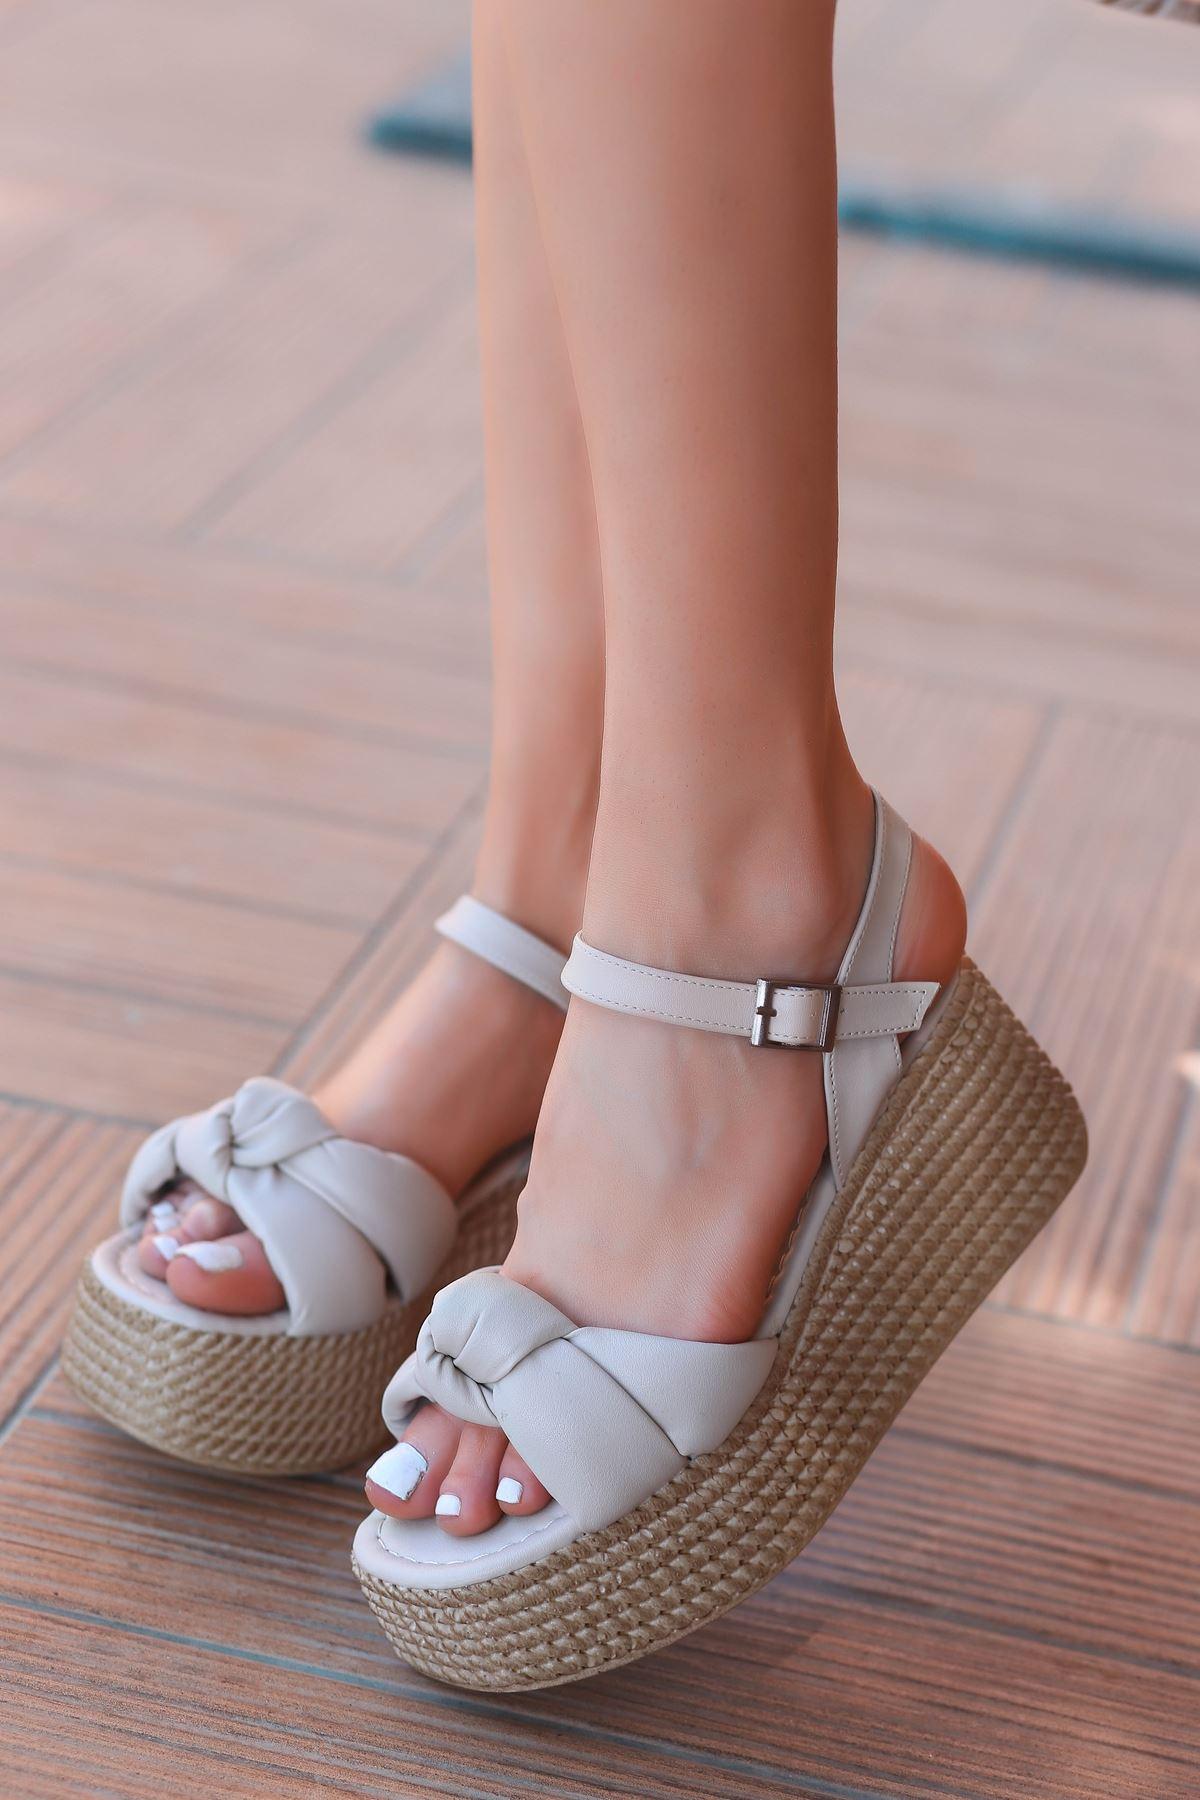 Perion Yüksek Taban Bağlama Detaylı Bej Kadın Sandalet